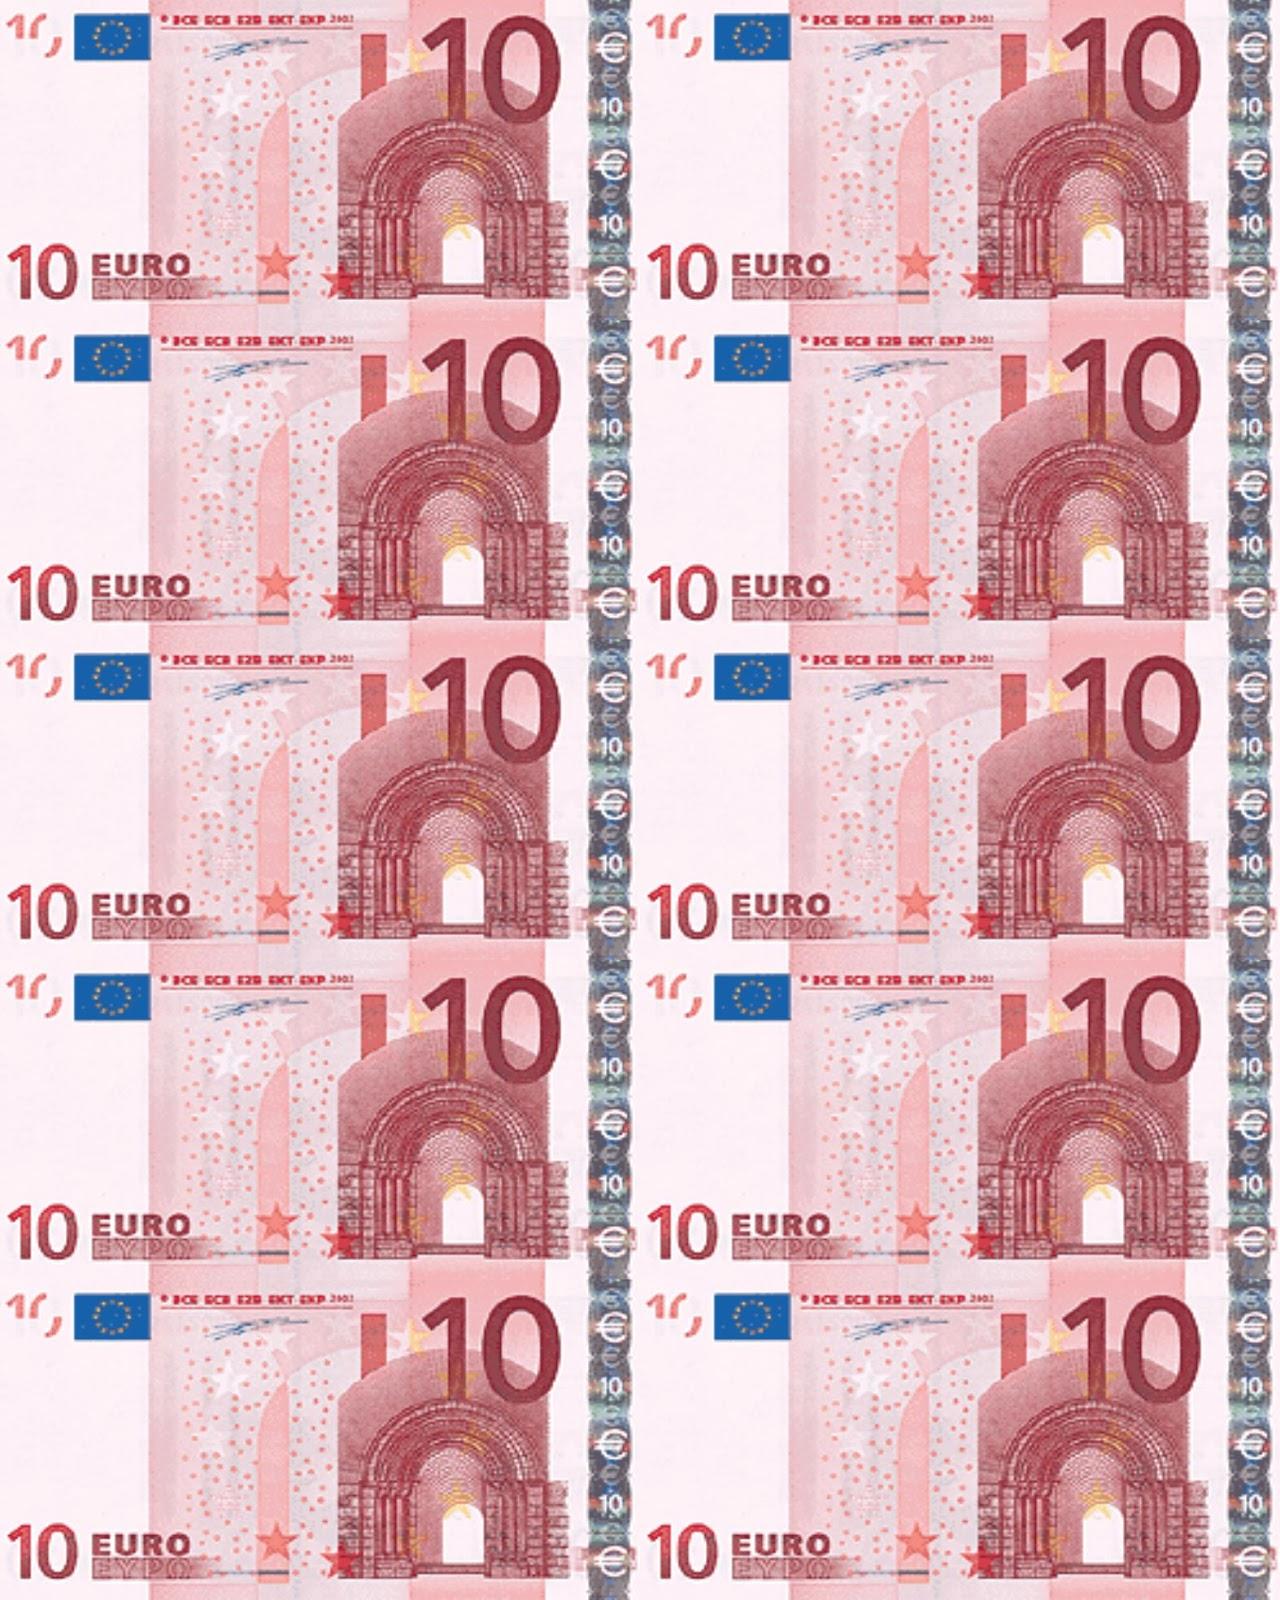 Banconote Euro Da Stampare Per Bambini Acolore